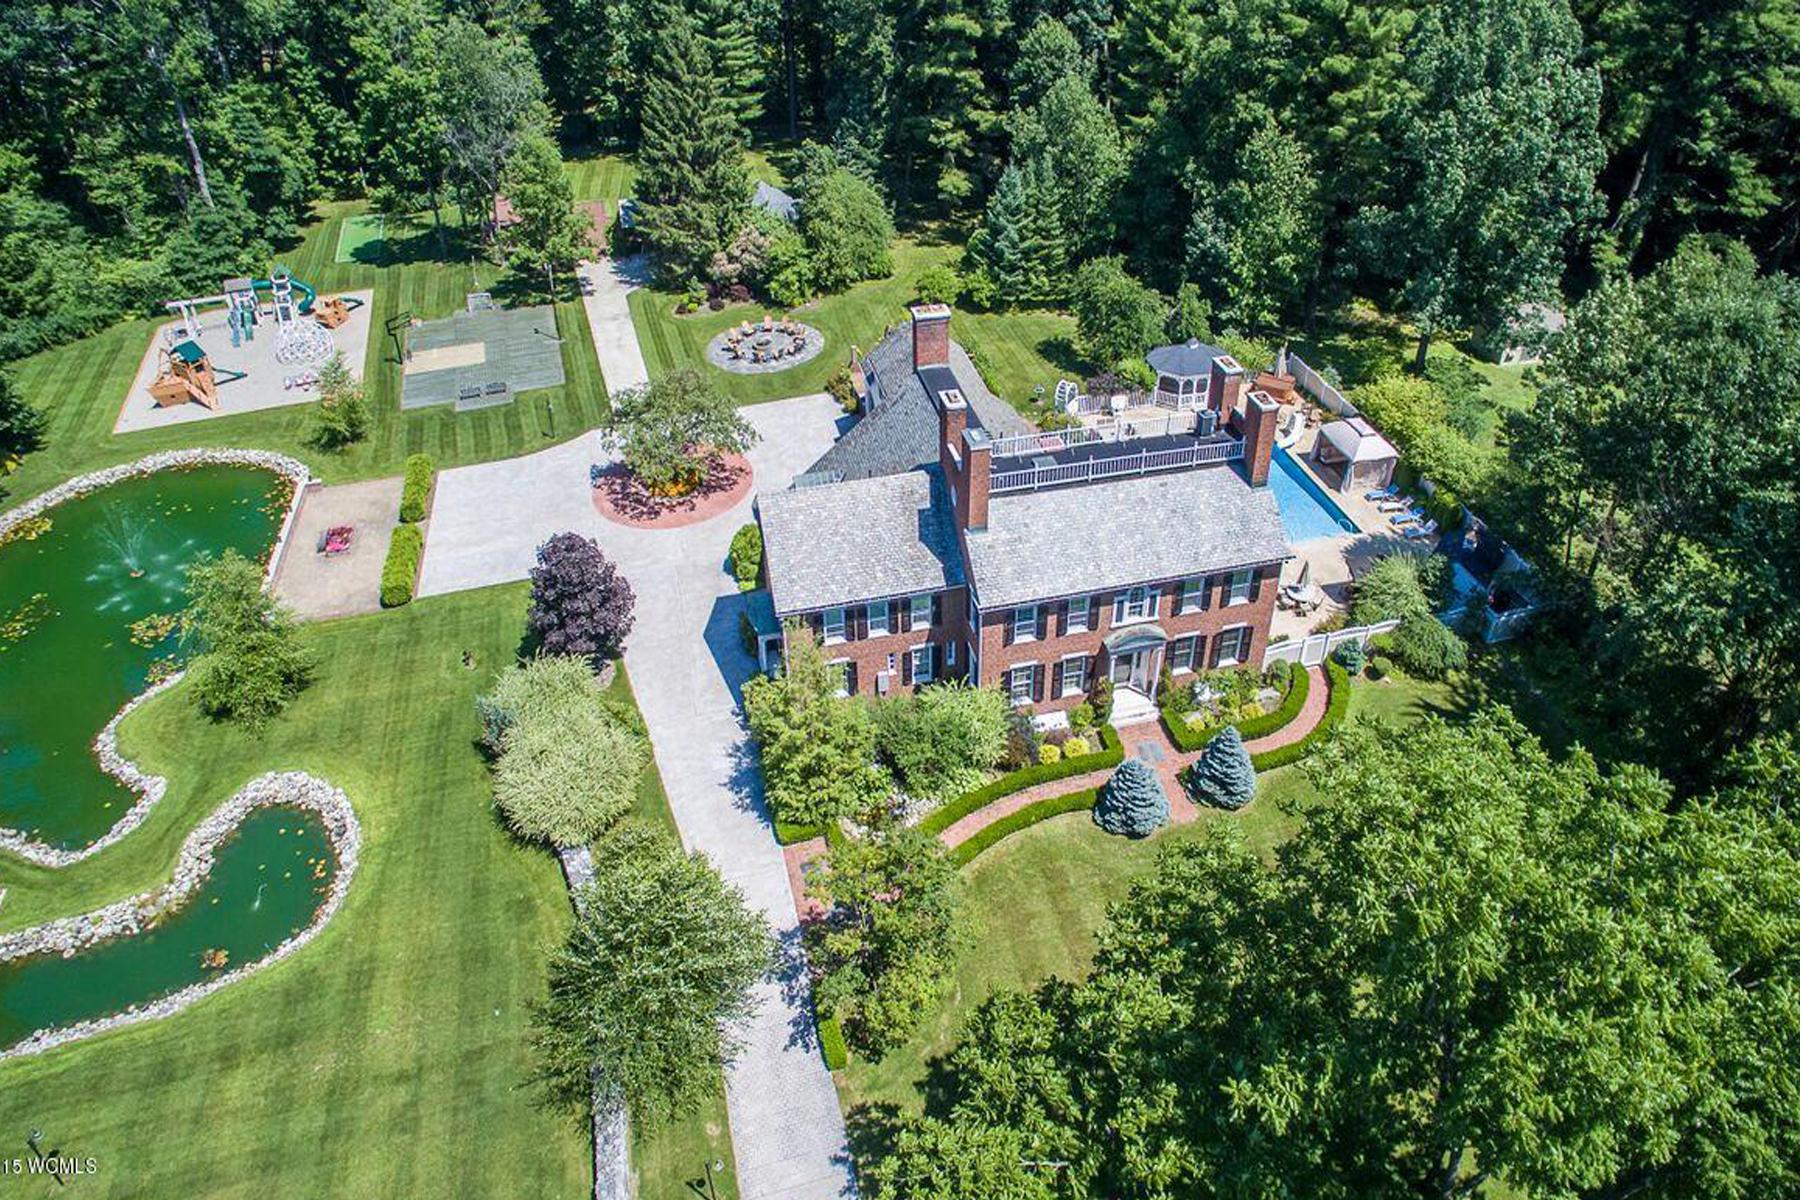 Casa Unifamiliar por un Venta en Georgian Colonial Mansion 27 North Rd, Queensbury, Nueva York, 12804 Estados Unidos